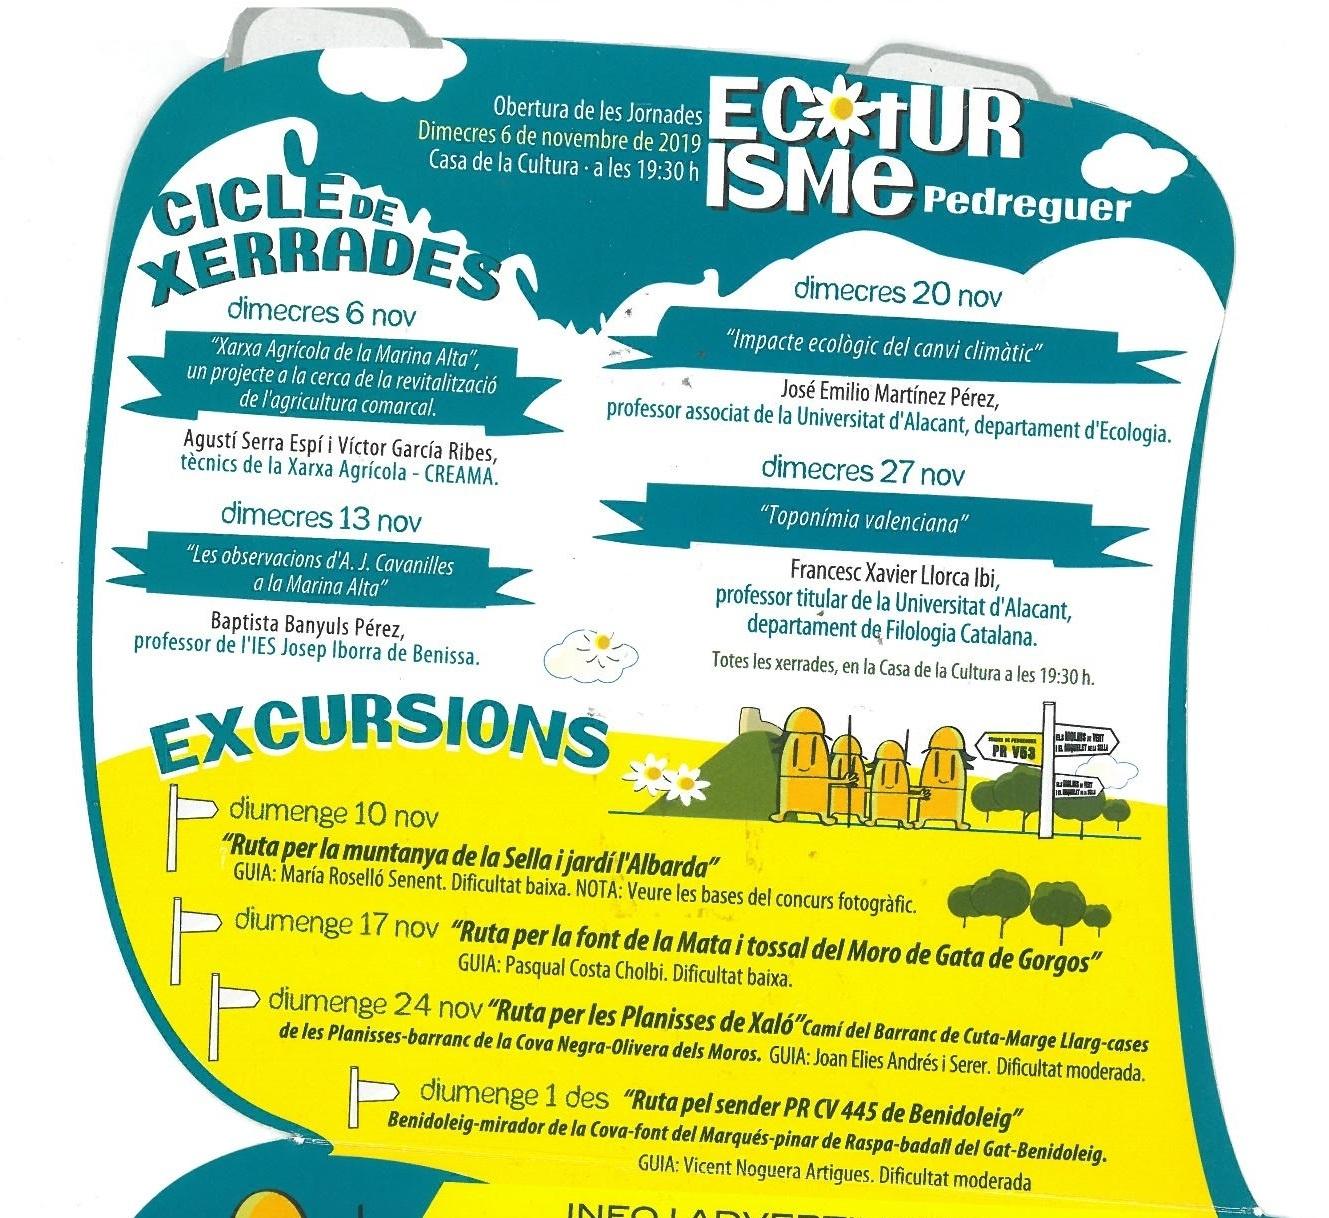 La Xarxa Agrícola en les Jornades Ecoturístiques a Pedreguer.